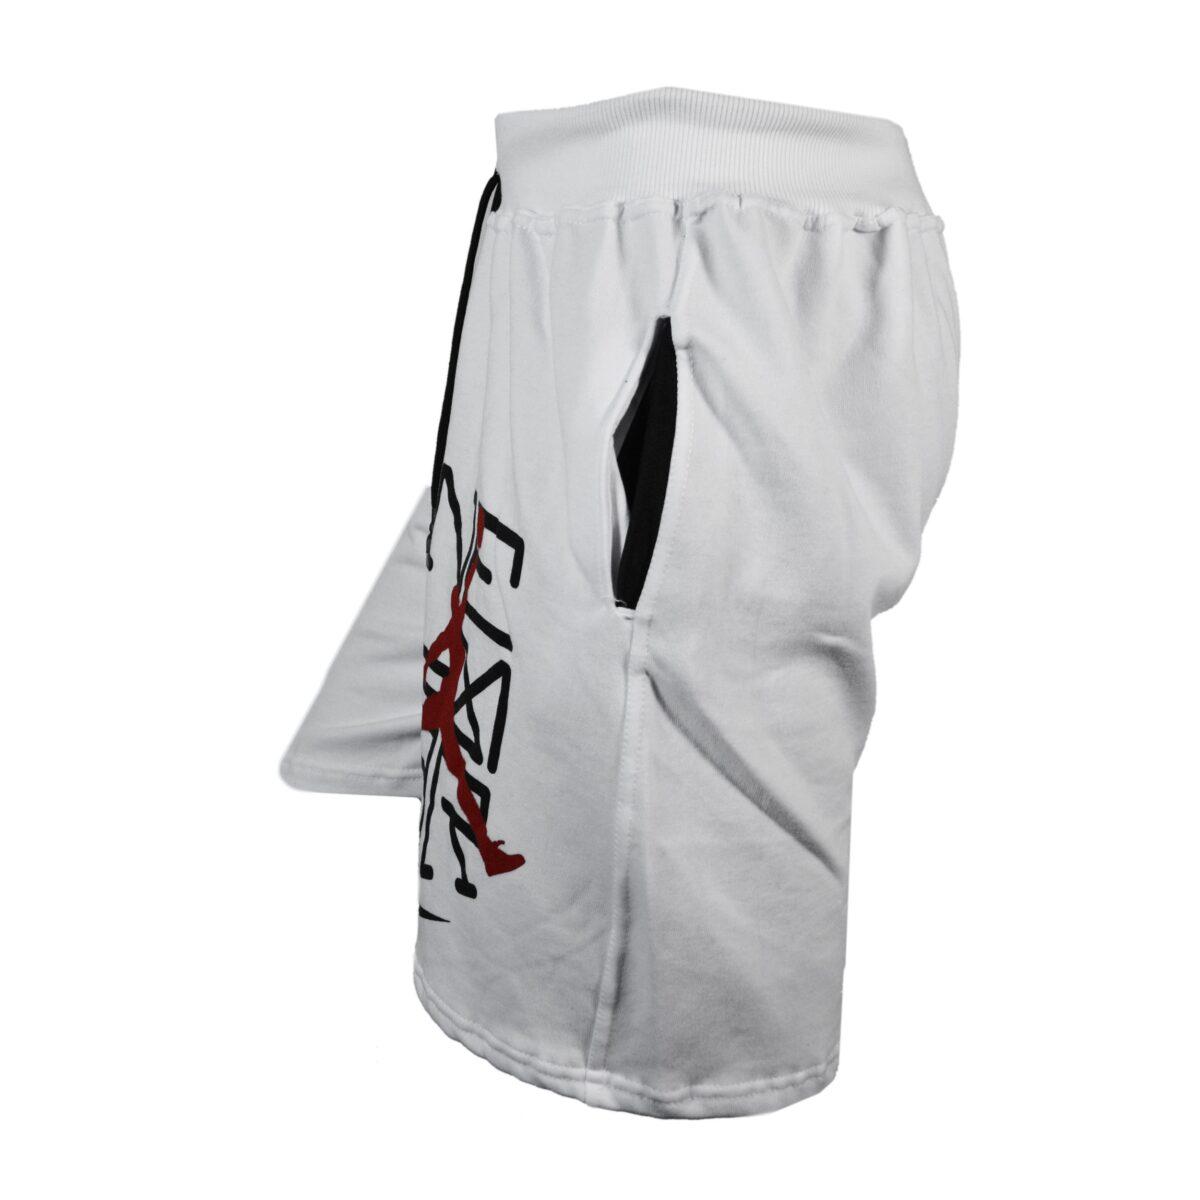 شلوارک ورزشی مردانه نایک مدل SPL-JORDAN0011 سفید 03